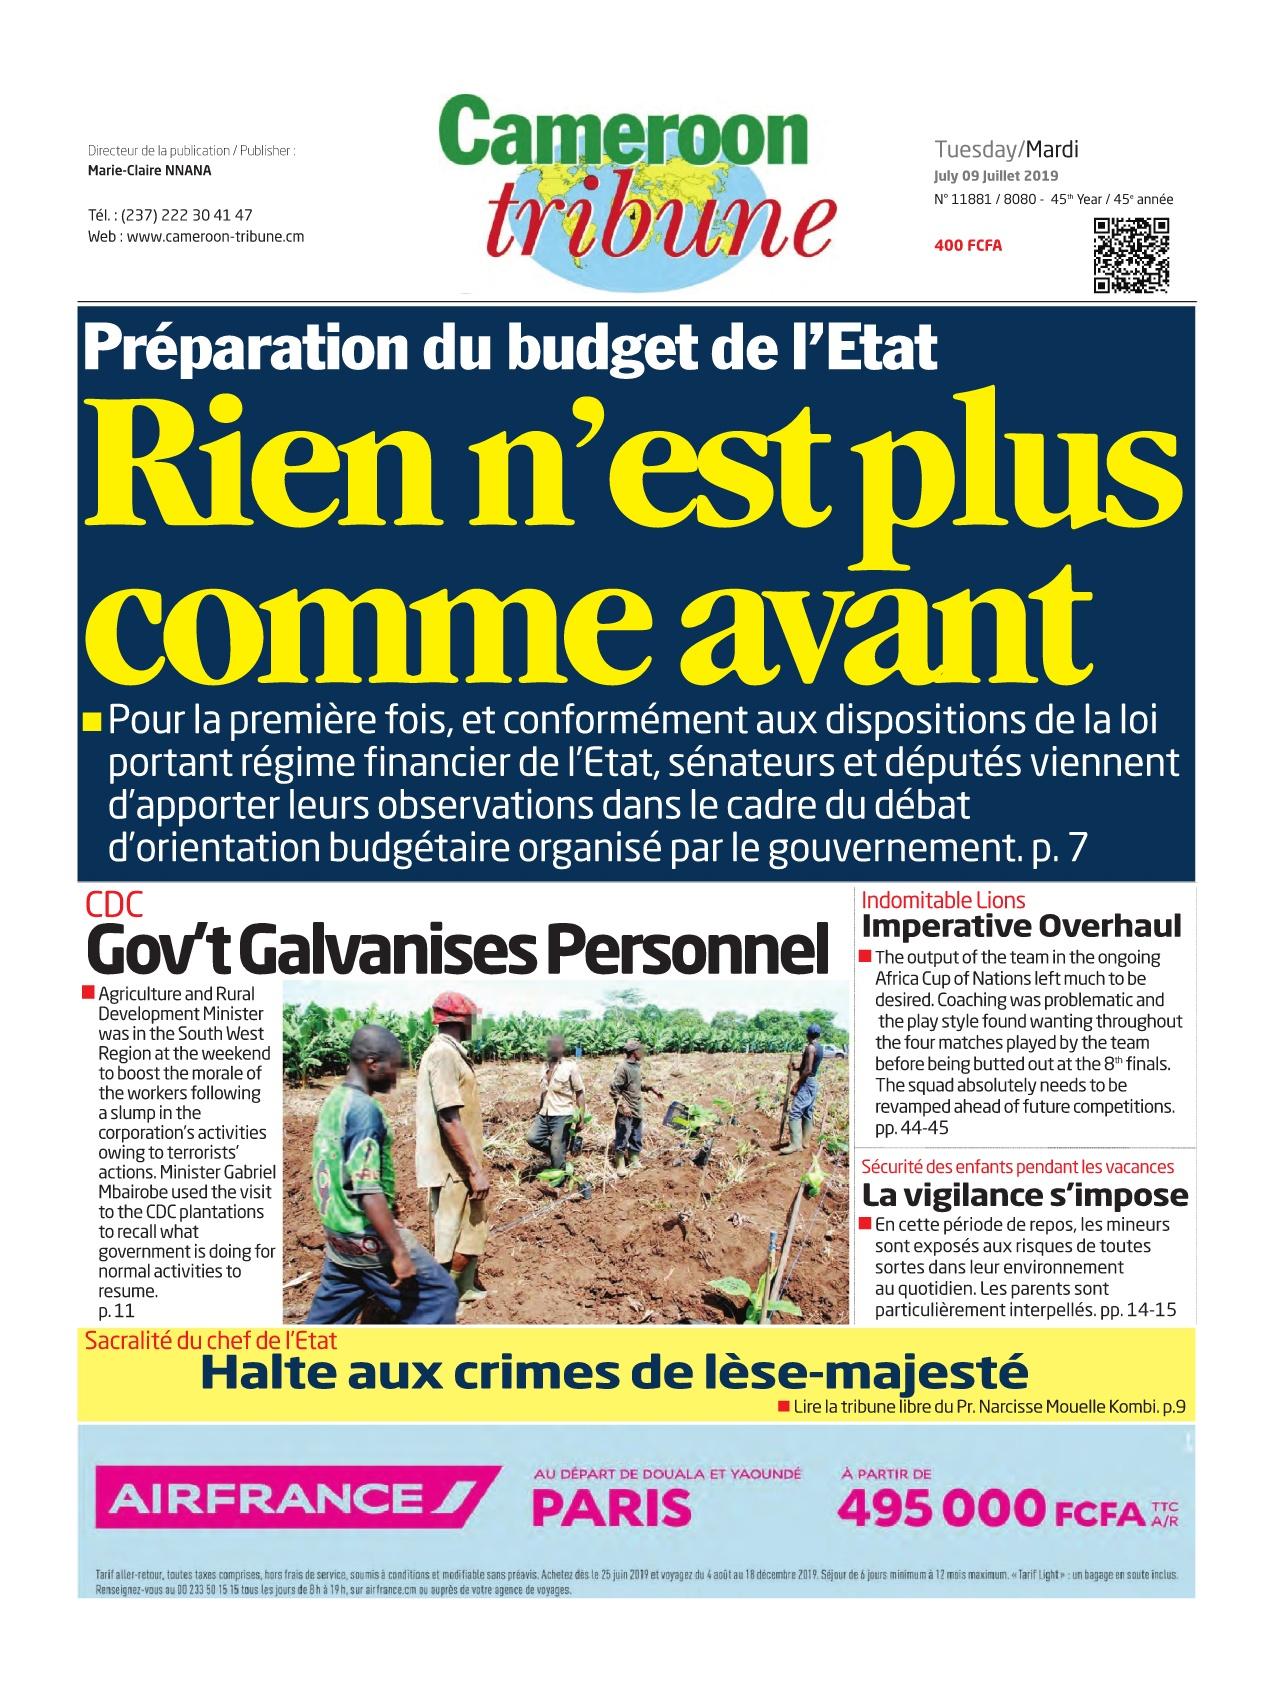 Cameroon Tribune - 09/07/2019